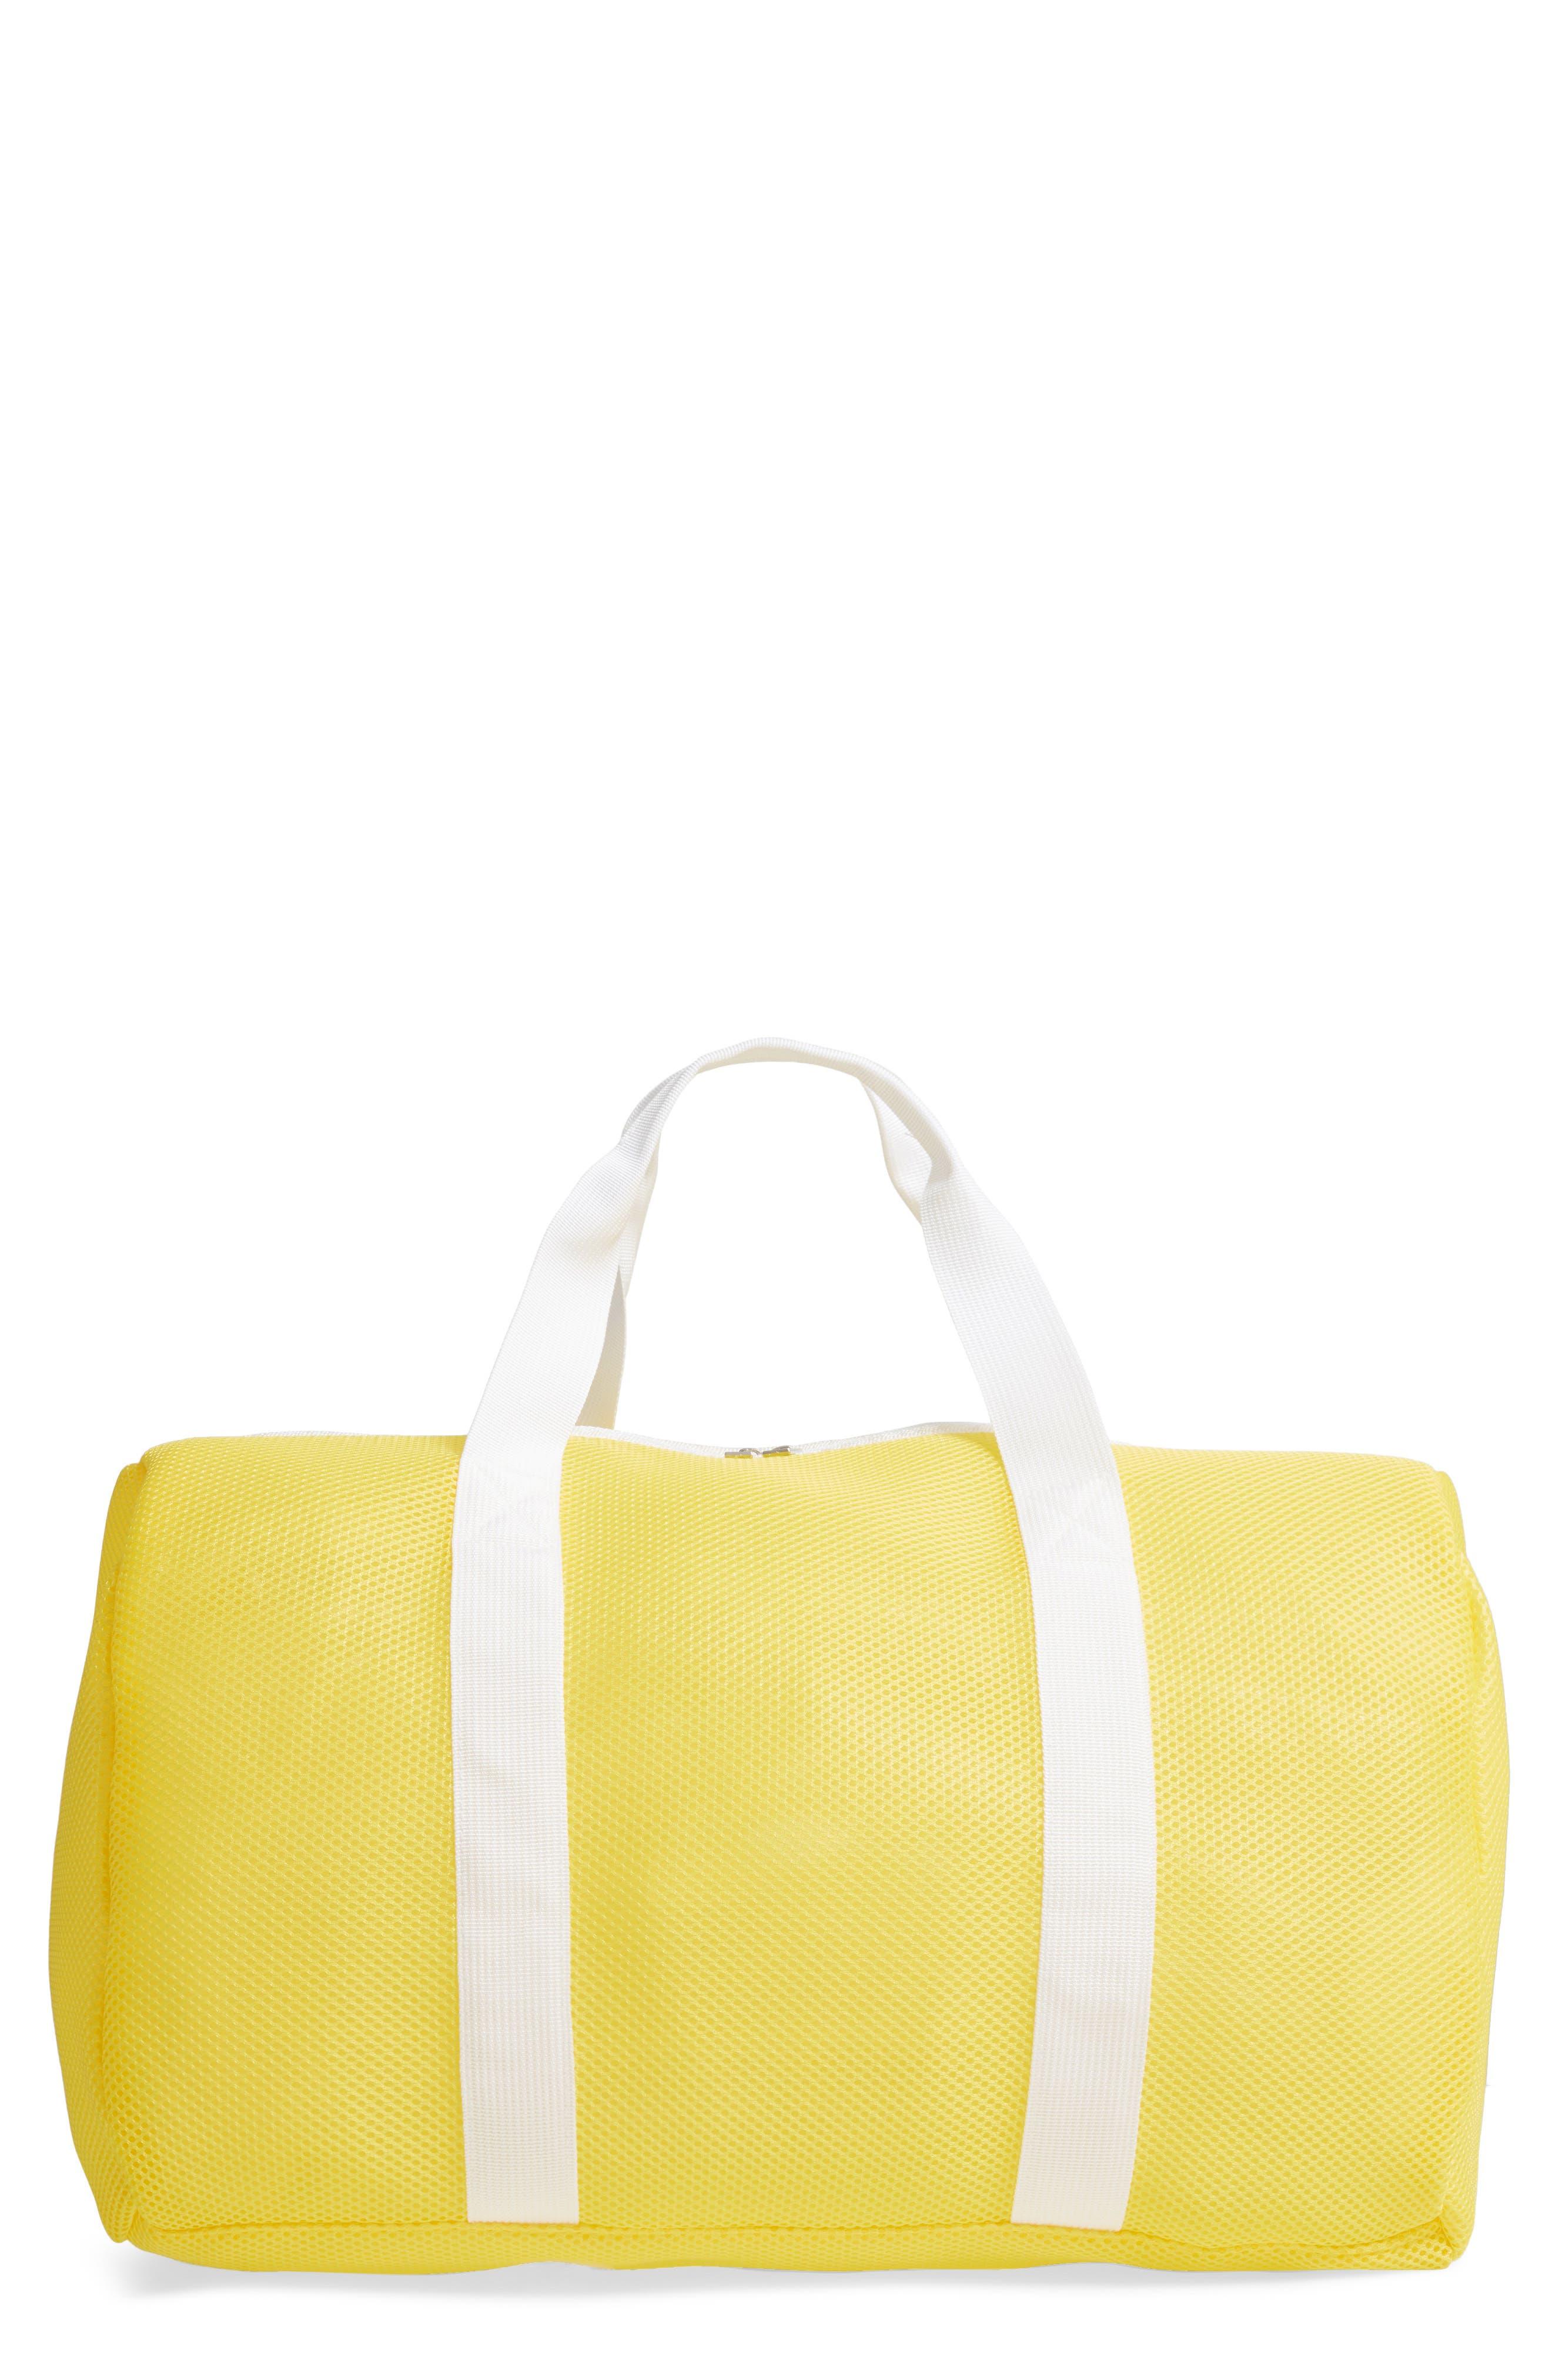 Neon Mesh Duffel Bag, Main, color, YELLOW